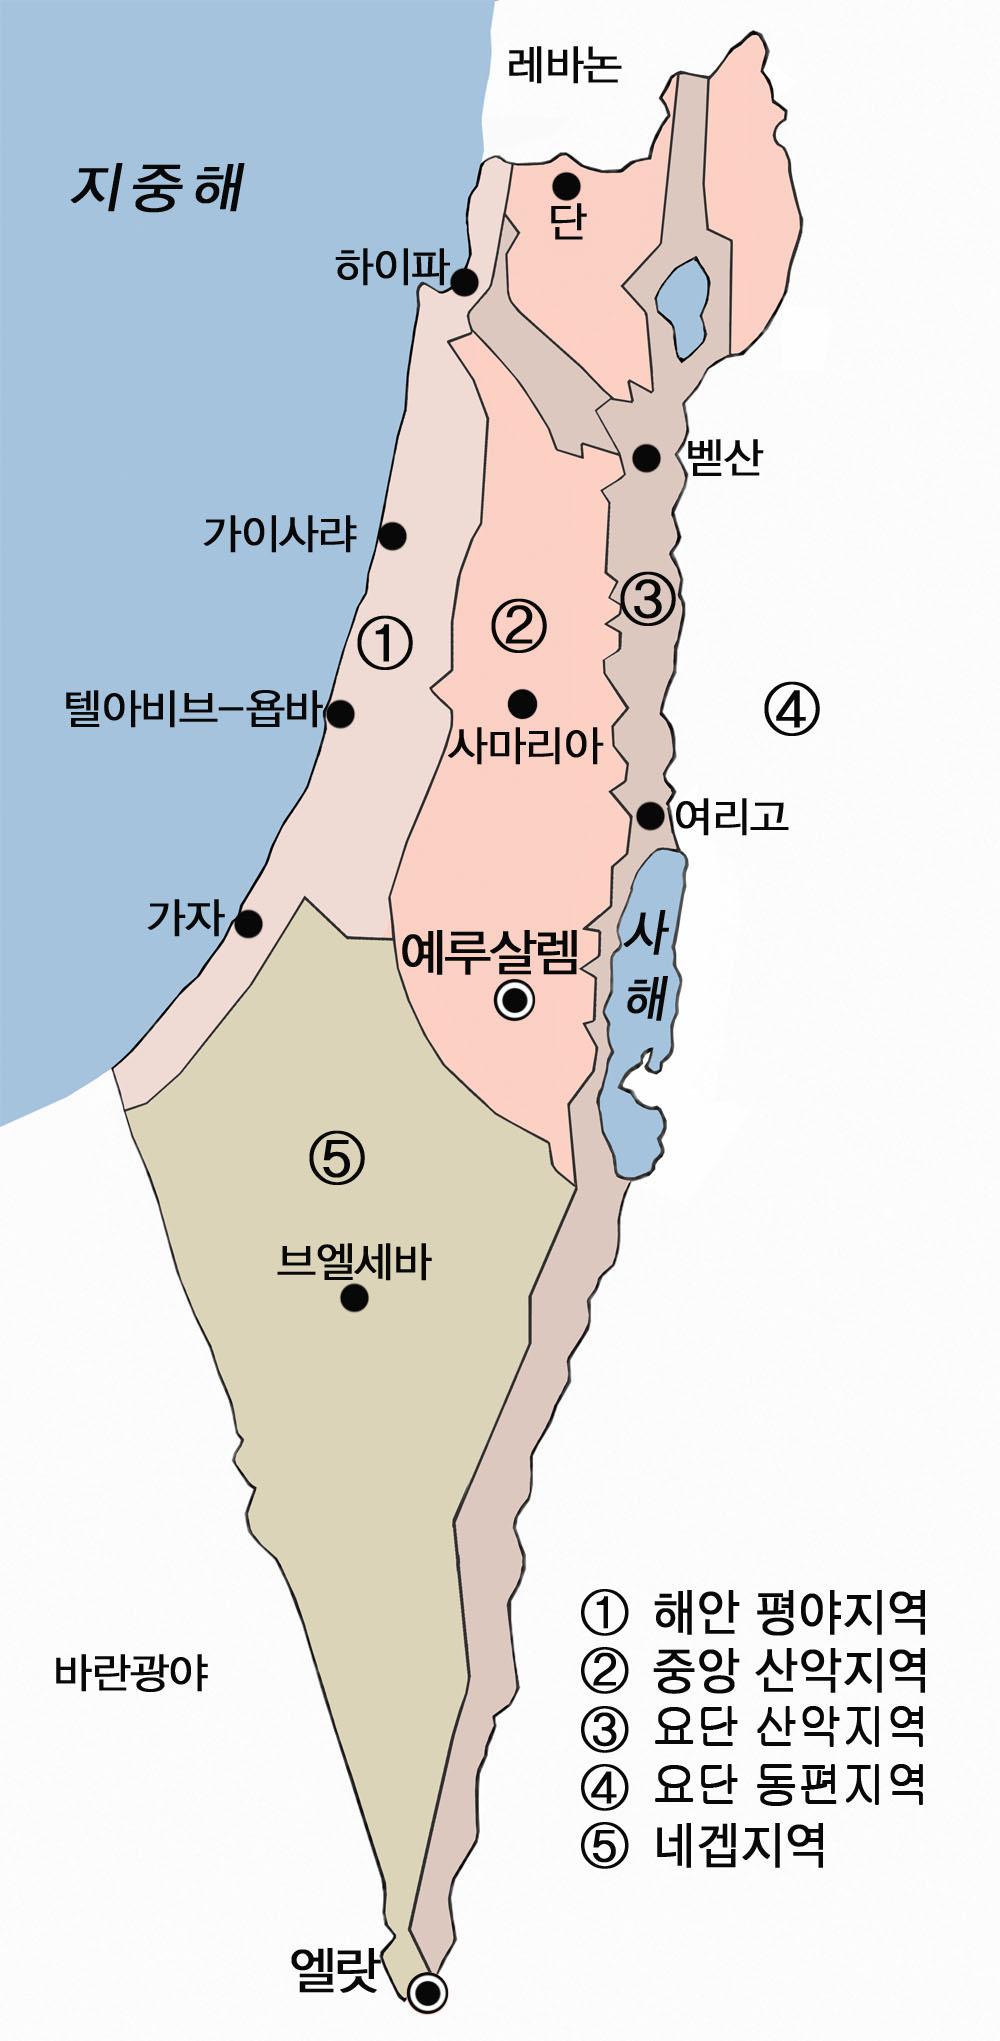 이스라엘지형.jpg